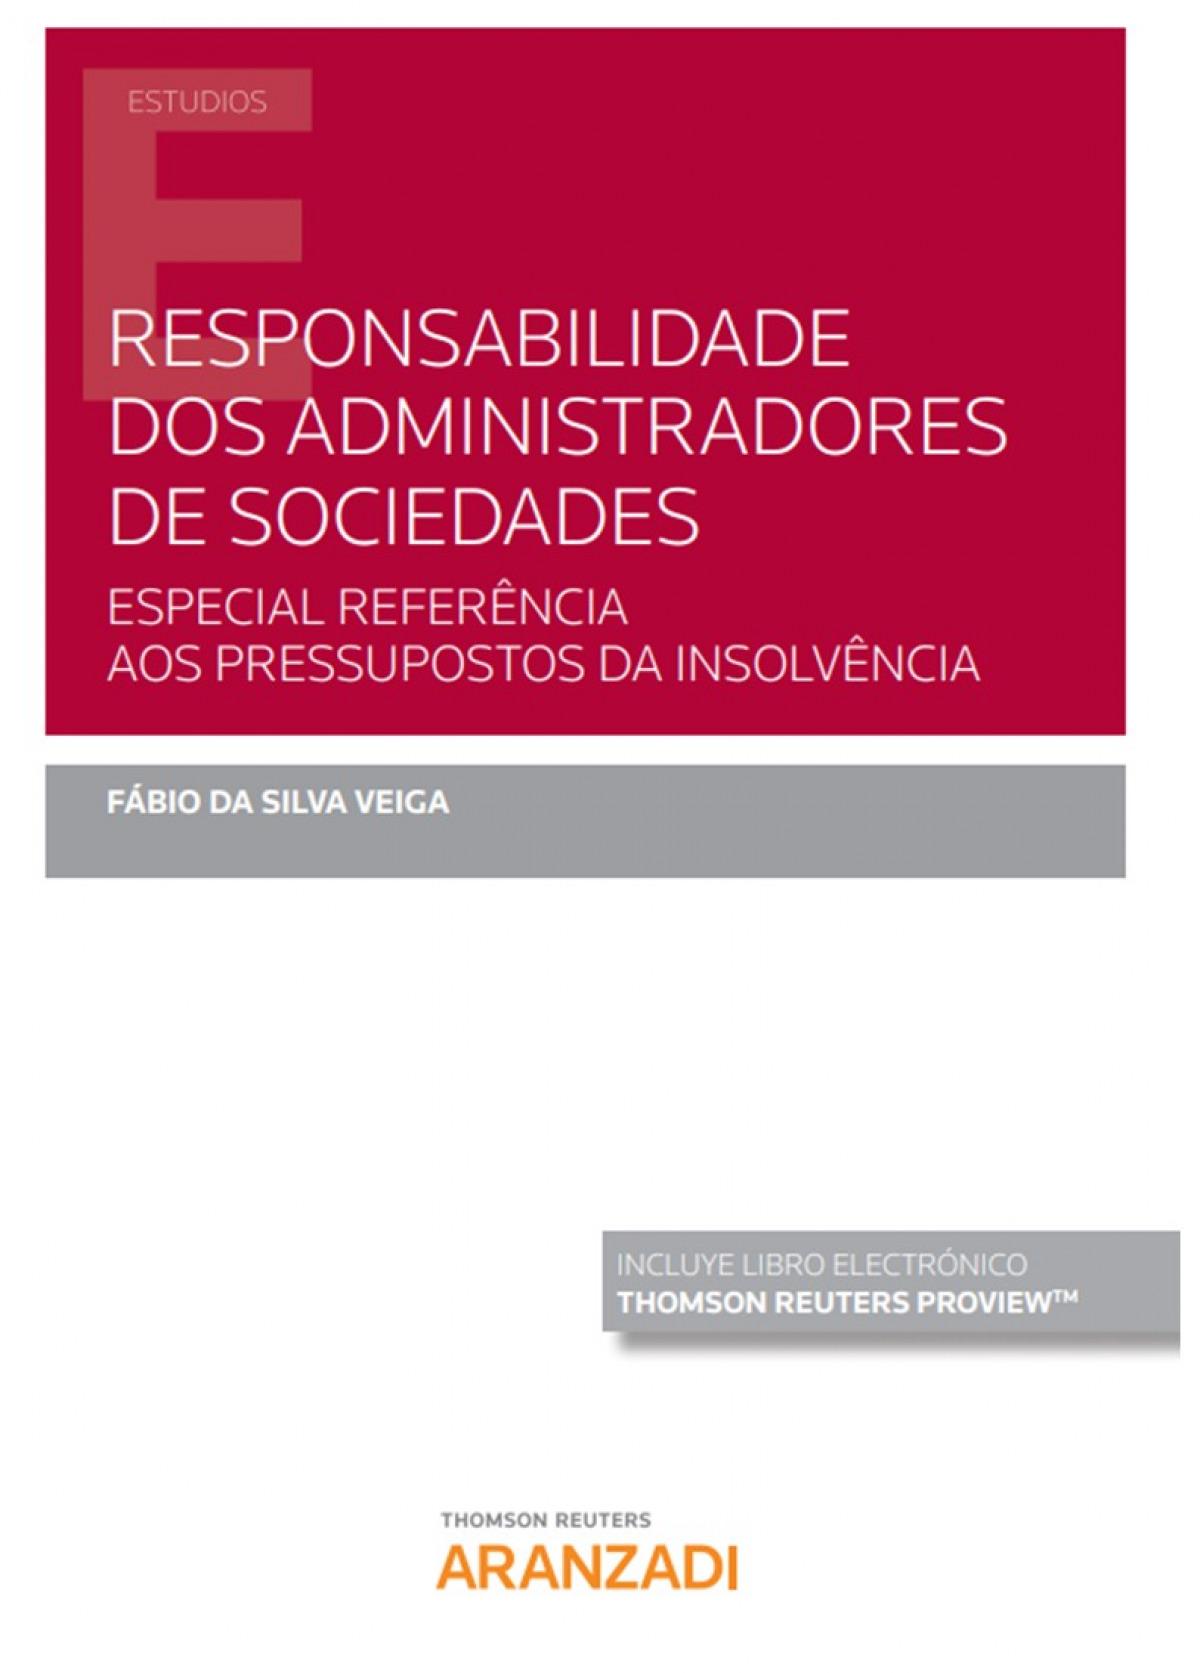 RESPONSABILIDADE DOS ADMINISTRADORES DE SOCIEDADES DUO